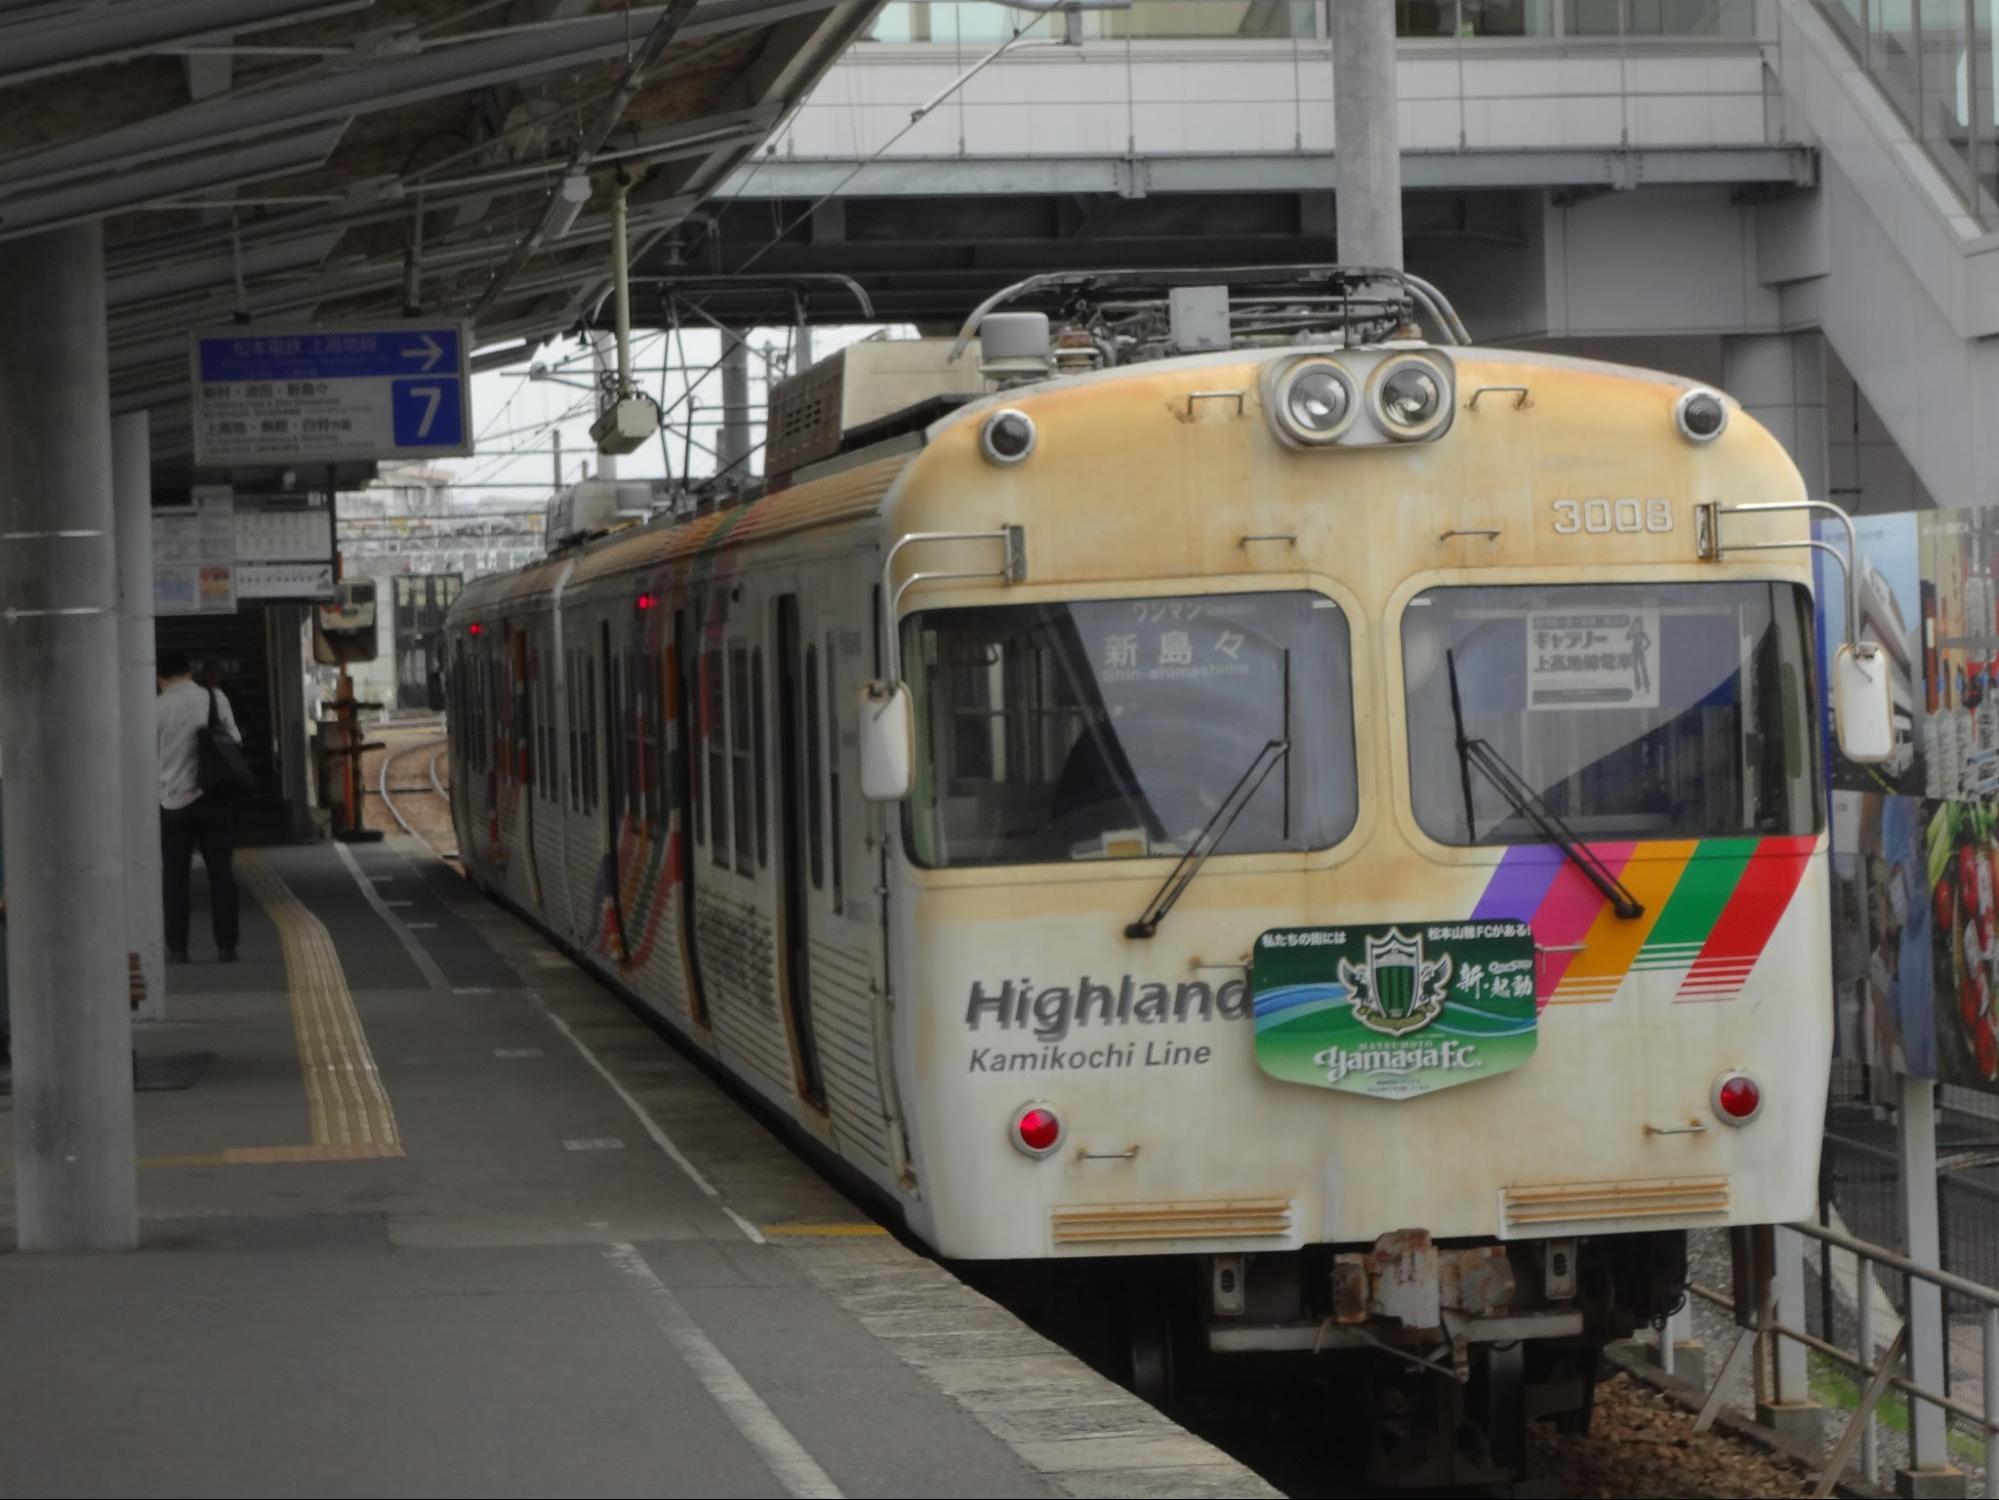 御柱祭のついでに長野の私鉄に乗ってきた ~5日目「御柱祭>長野電鉄」~